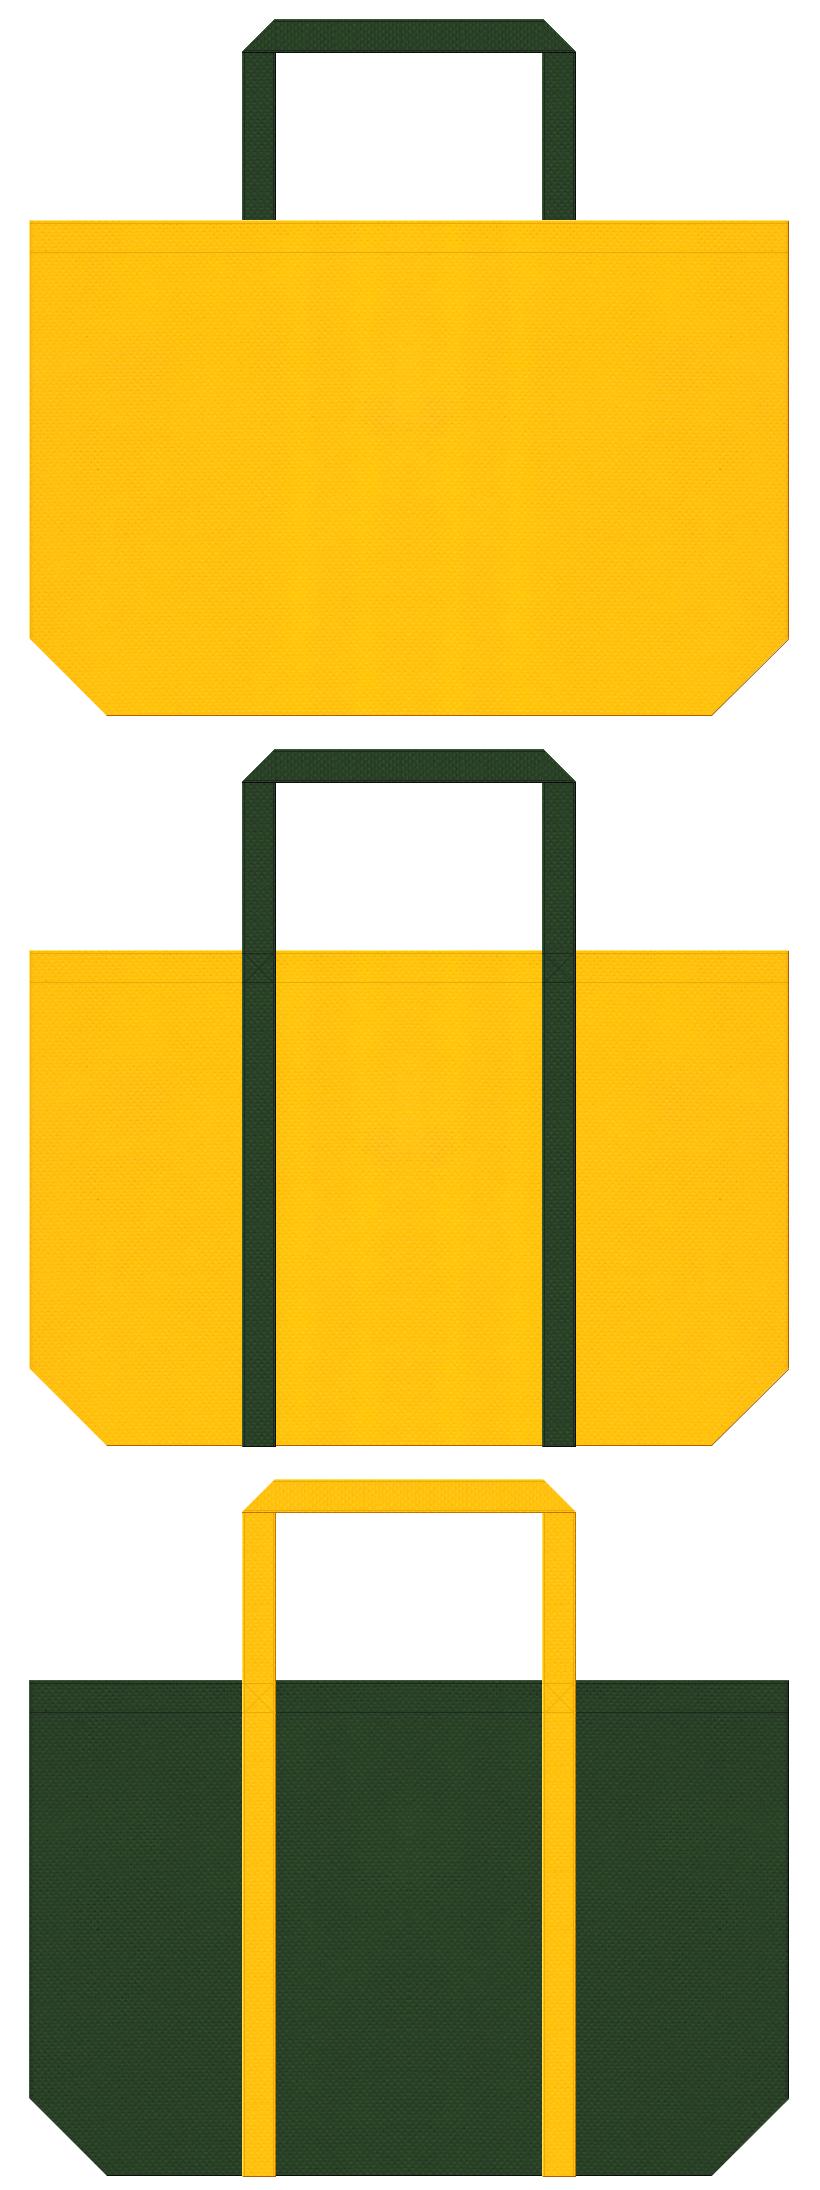 黄色と濃緑色の不織布バッグデザイン。キャンプ・アウトドア商品、安全用品のショッピングバッグにお奨めです。